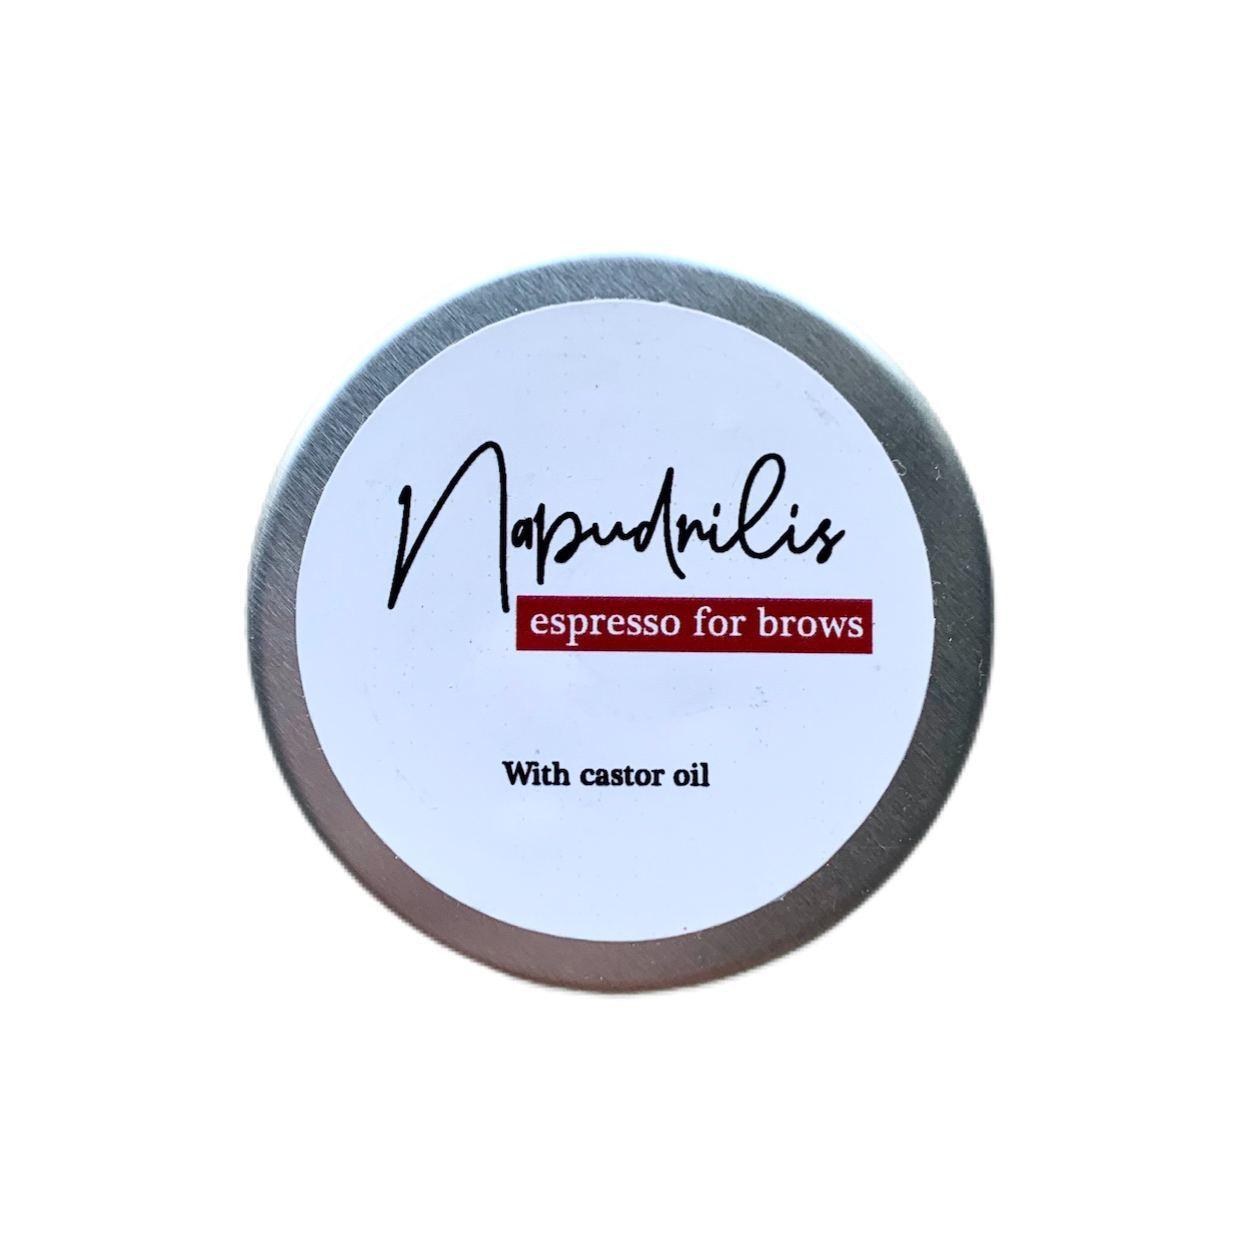 Мыло для бровей Napudrilis Espresso For Brows